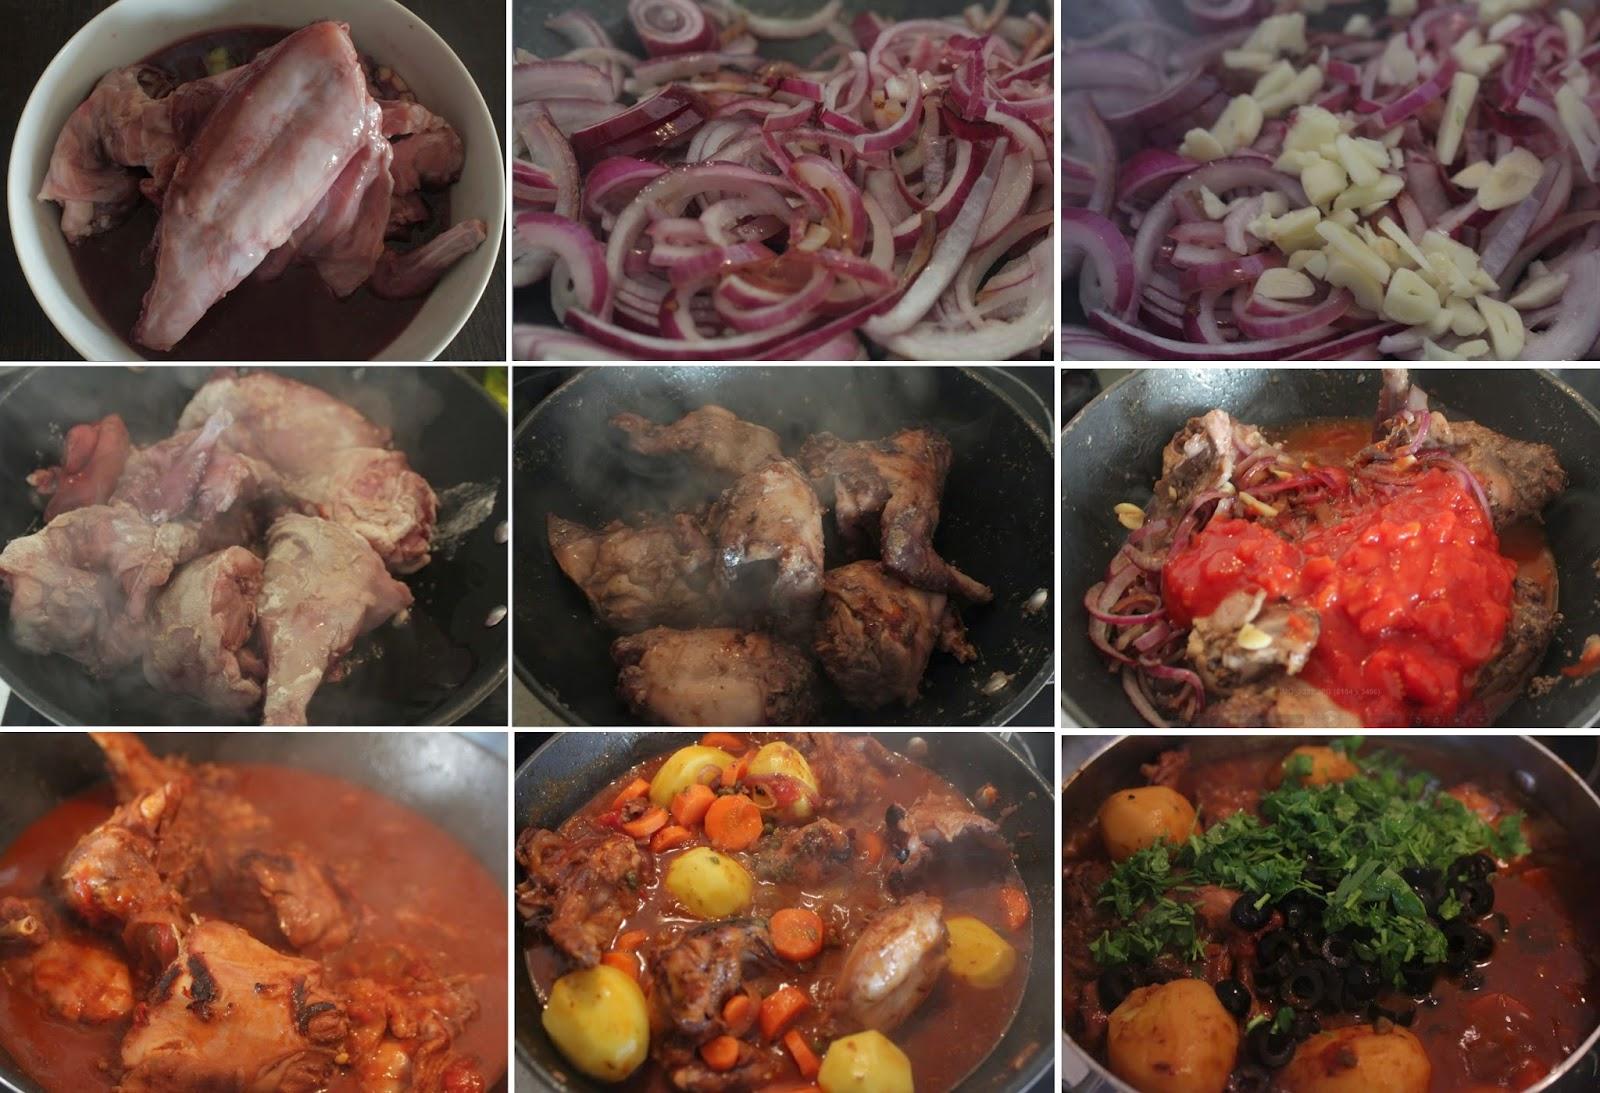 gotowany królik, gulasz z królika, duszony królik, danie główne, jednogarnkowe, wykwintny królik, rabbit stew,